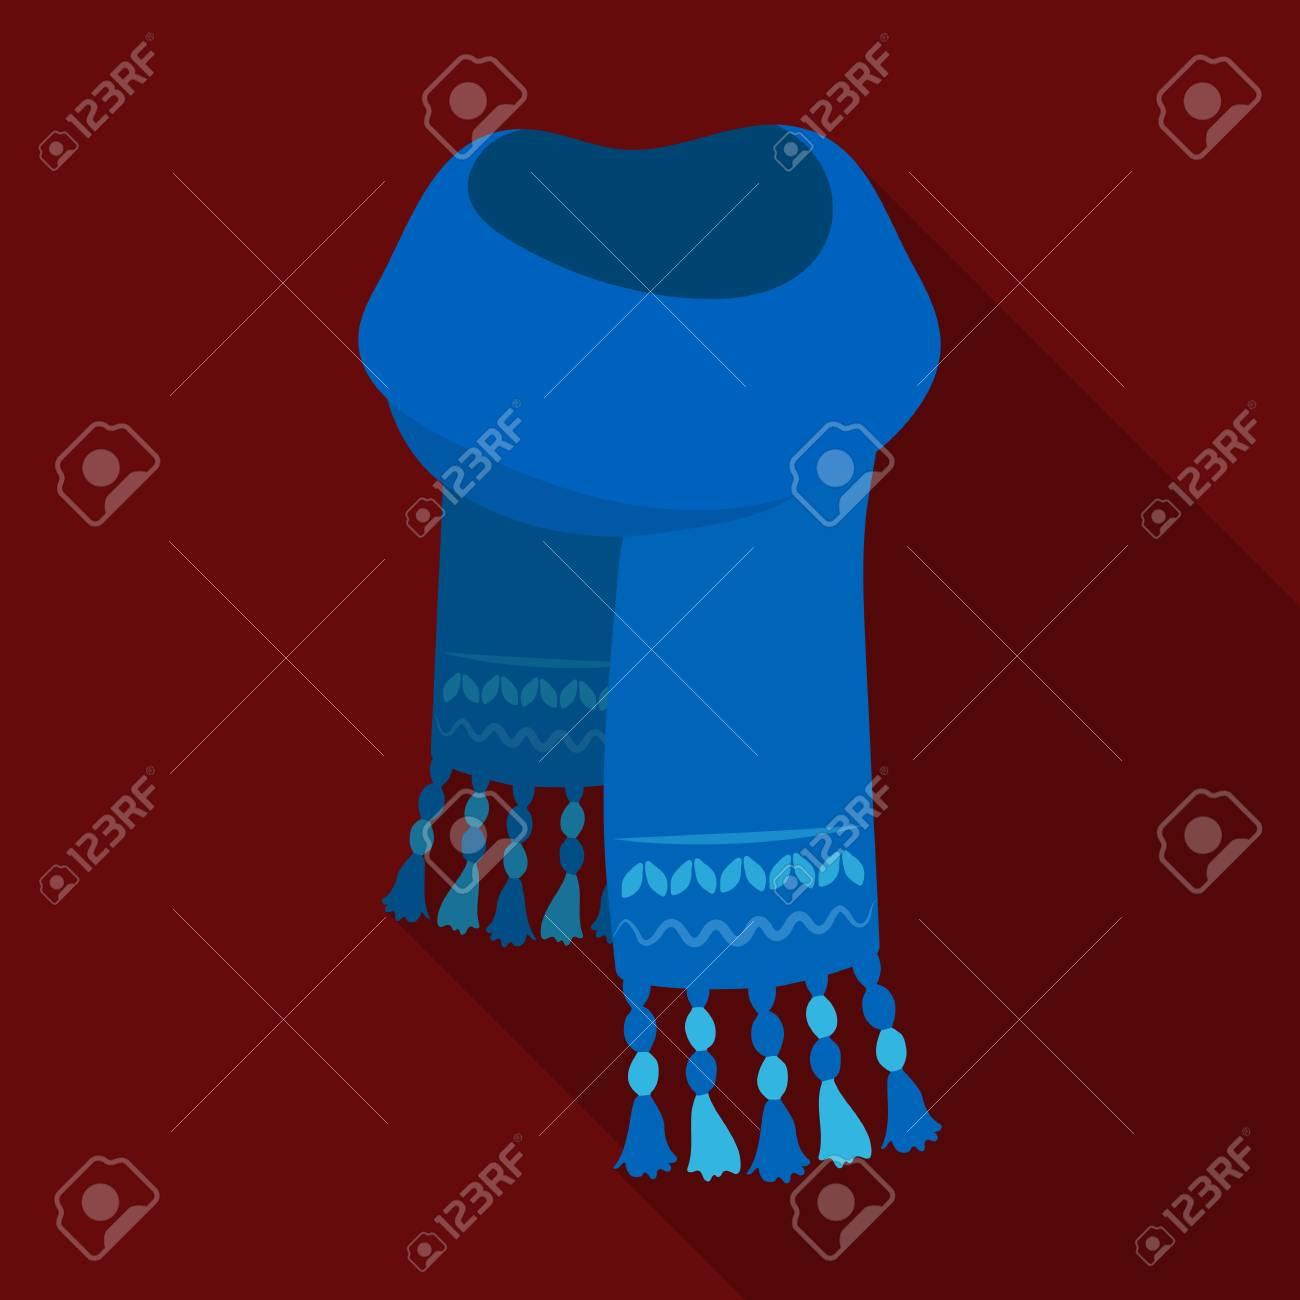 Tienda online precio justo los recién llegados Bufanda de fieltro azul con patrones hermosos. Cartas y chales único icono  en estilo de vector plano símbolo stock photo.